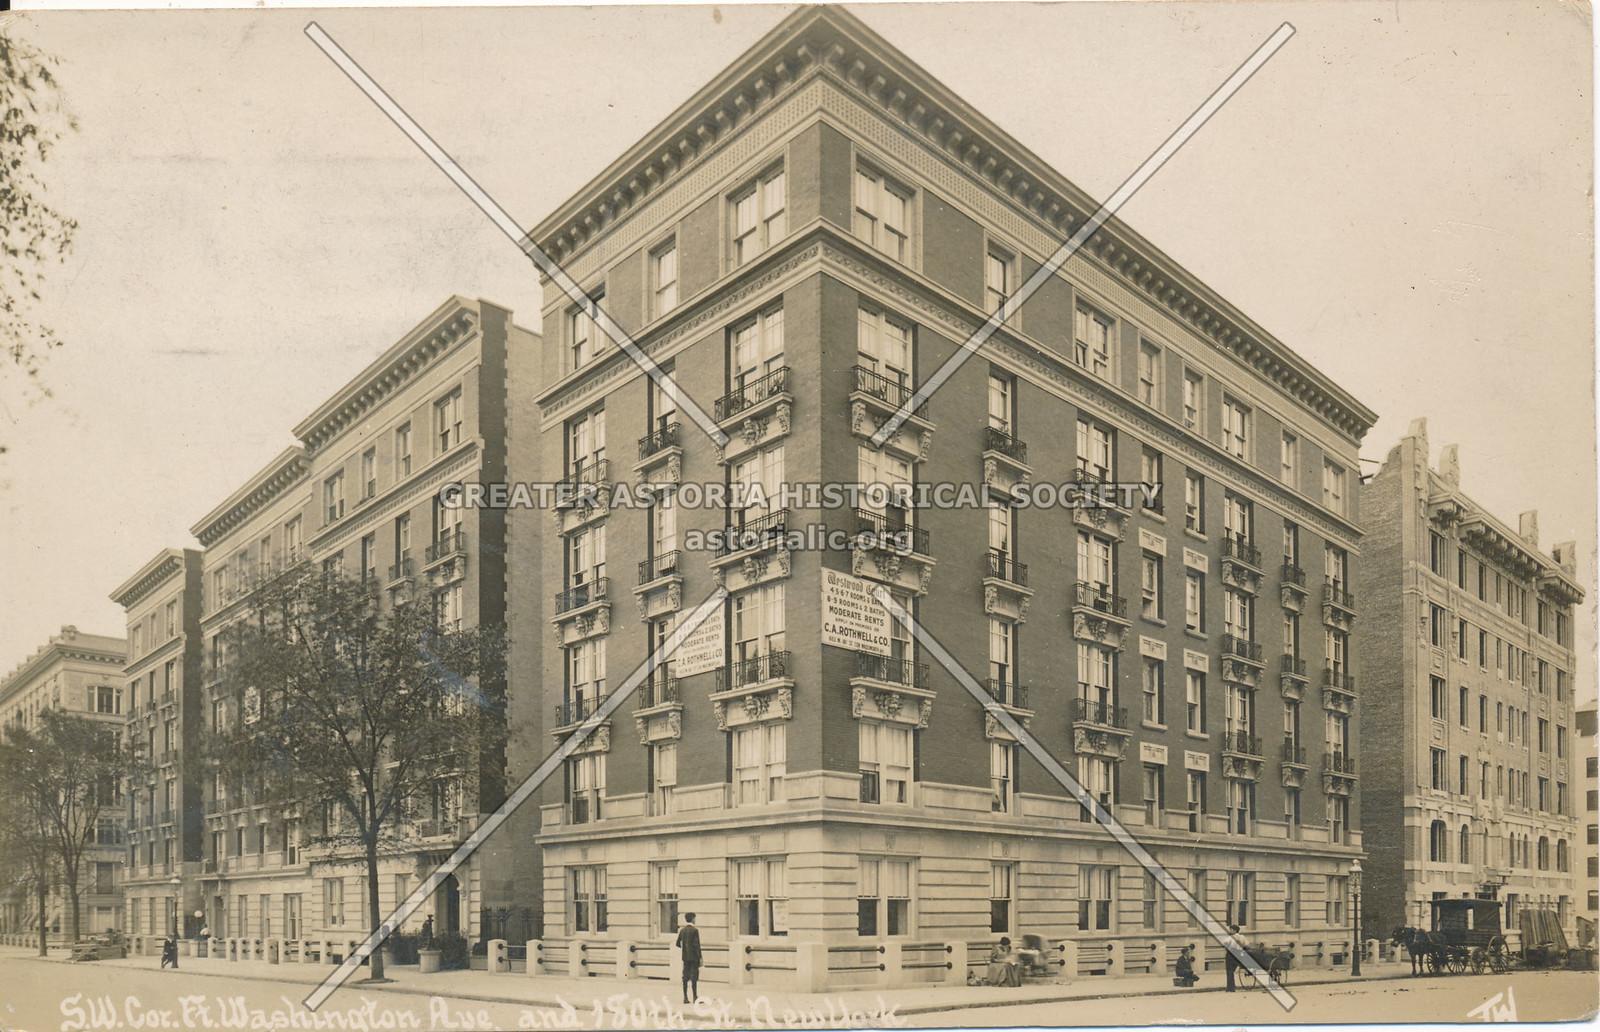 S.W. Cor., Fort Washington Ave & 180th St., N.Y.